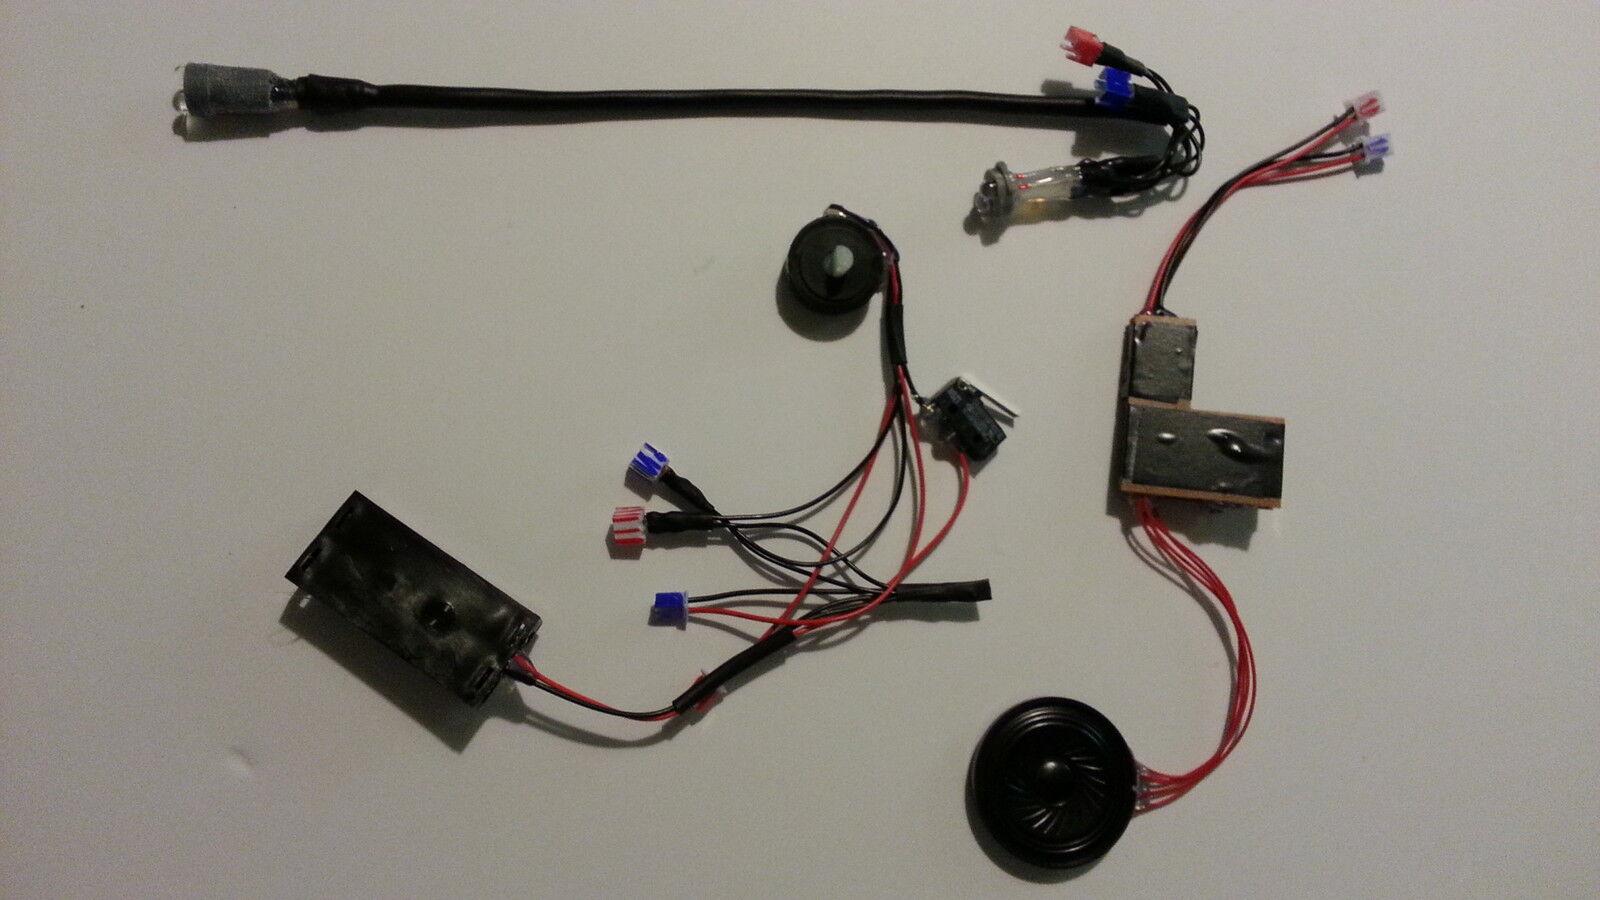 LIGHTS / SOUND DIY KIT for Blaster-Master Uber E-11 Blaster Rifle Model